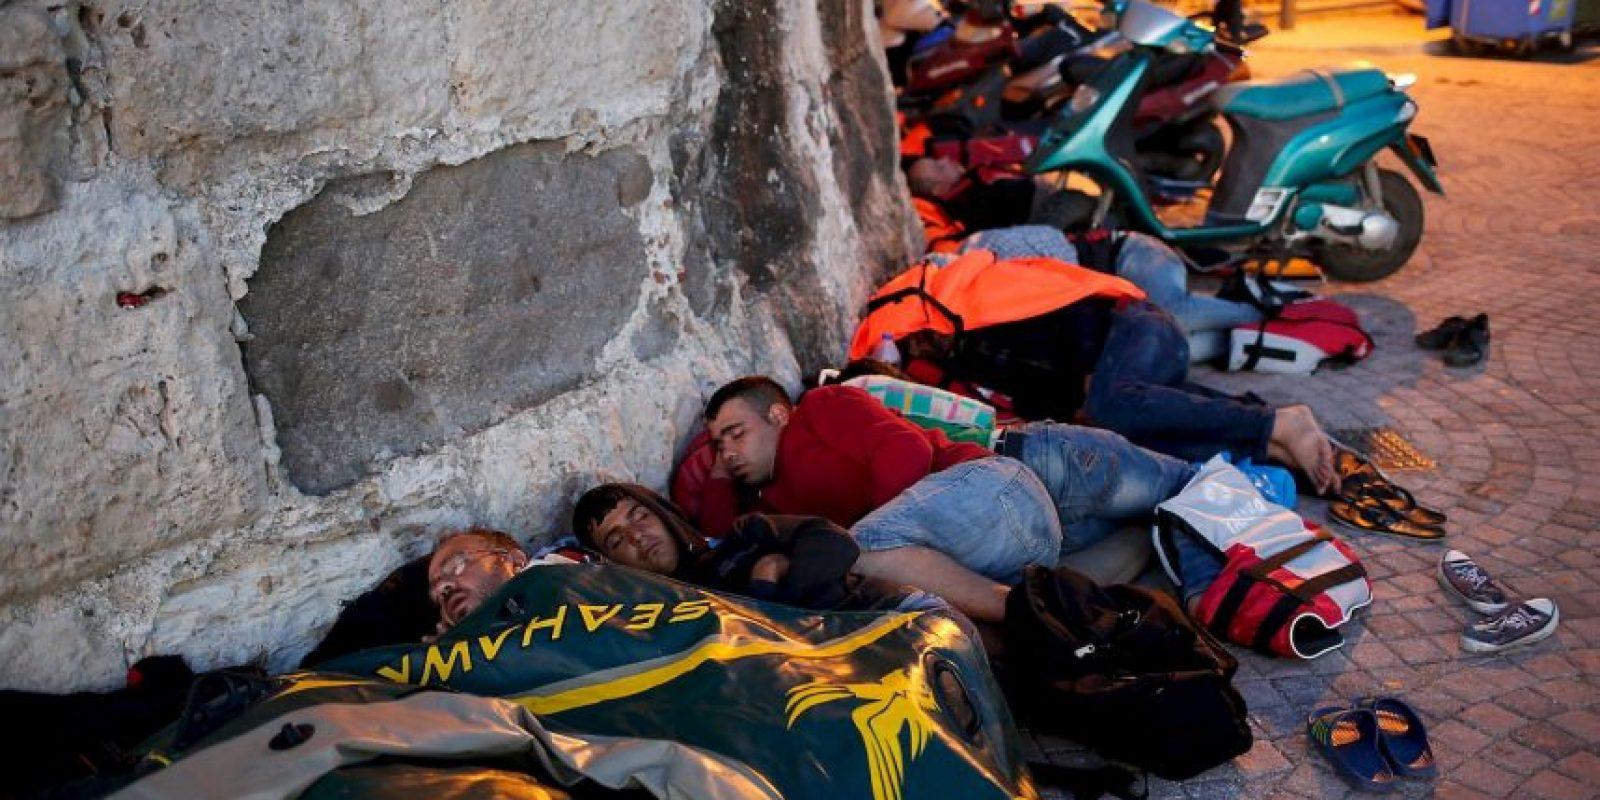 Los inmigrantes buscan la manera de lograr su objetivo. Foto:Getty Images